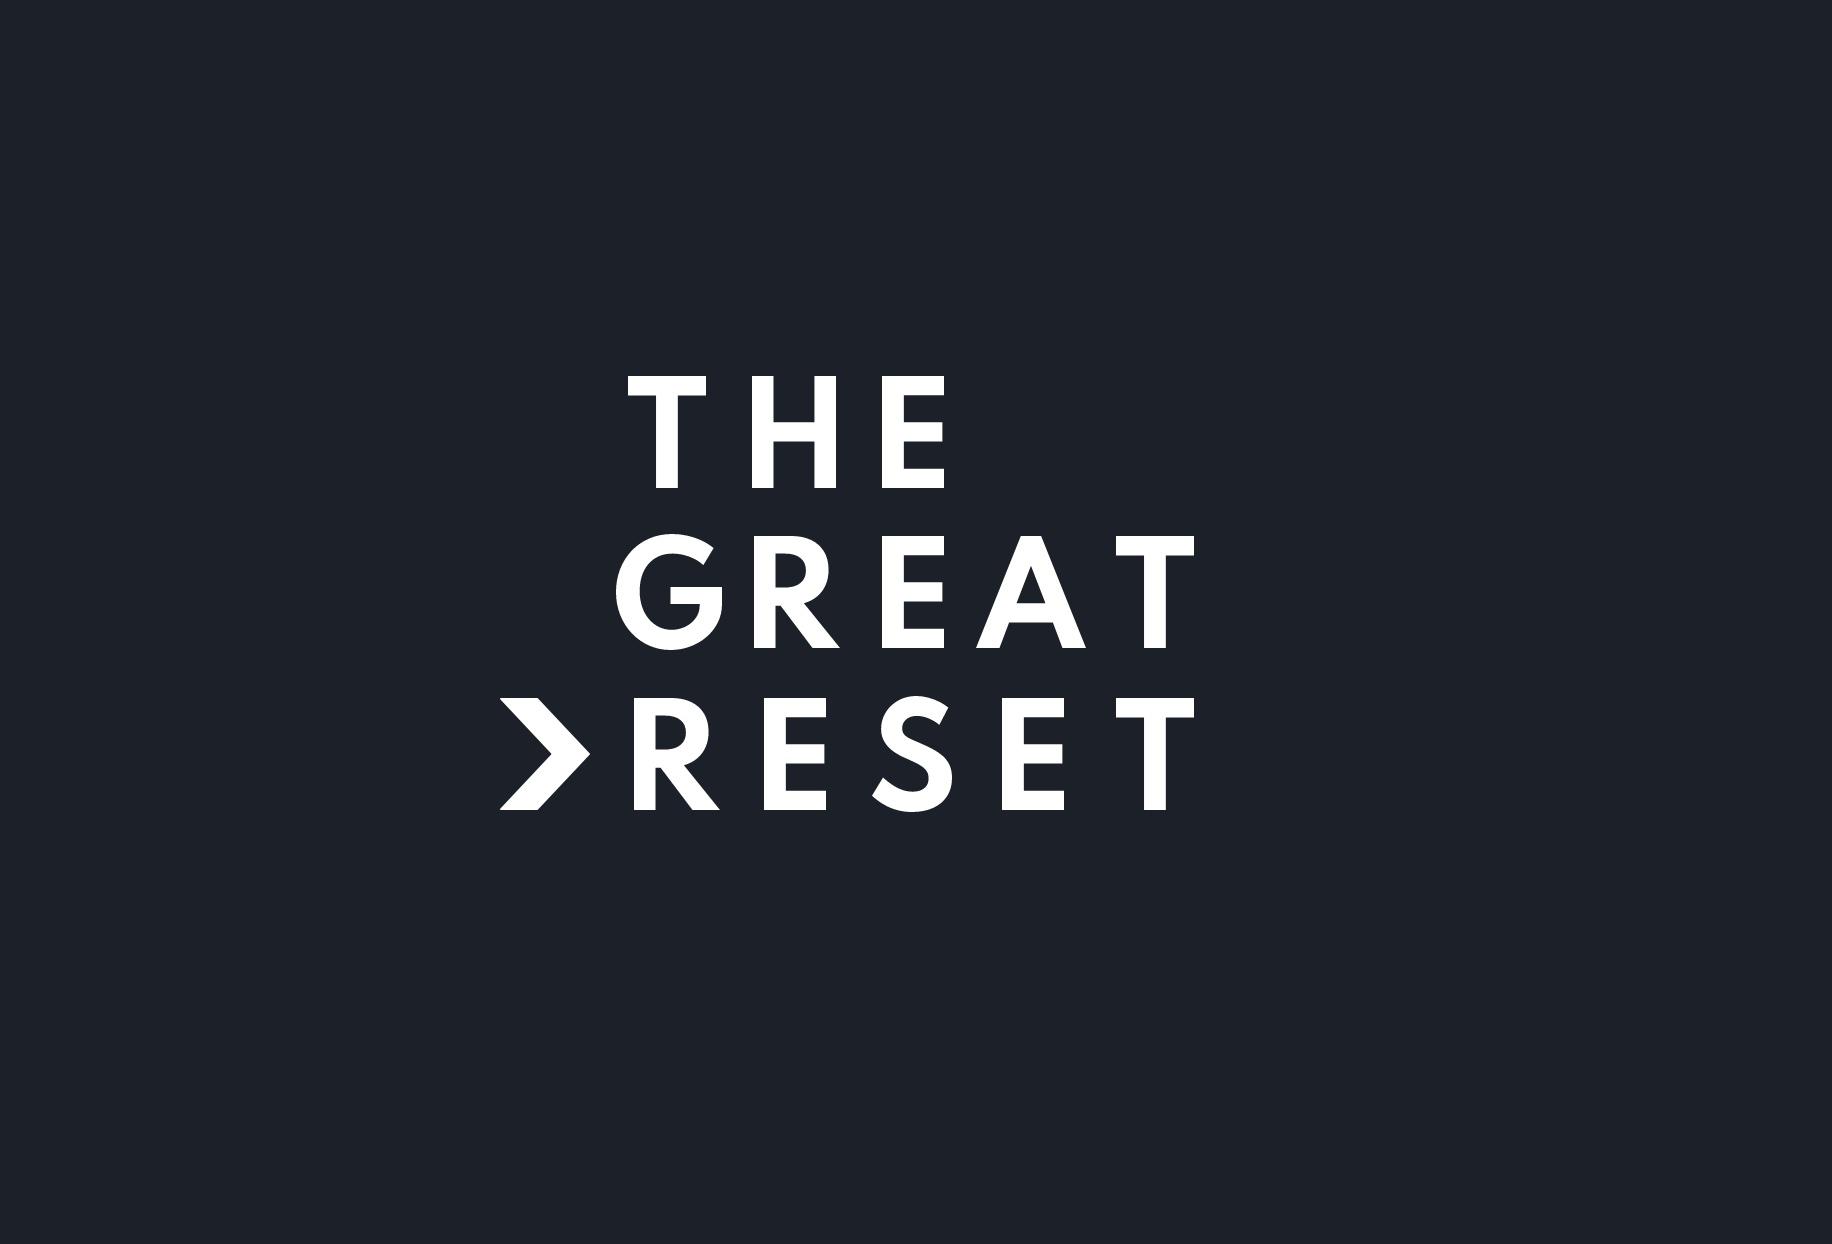 Covid advances the Great Reset agenda